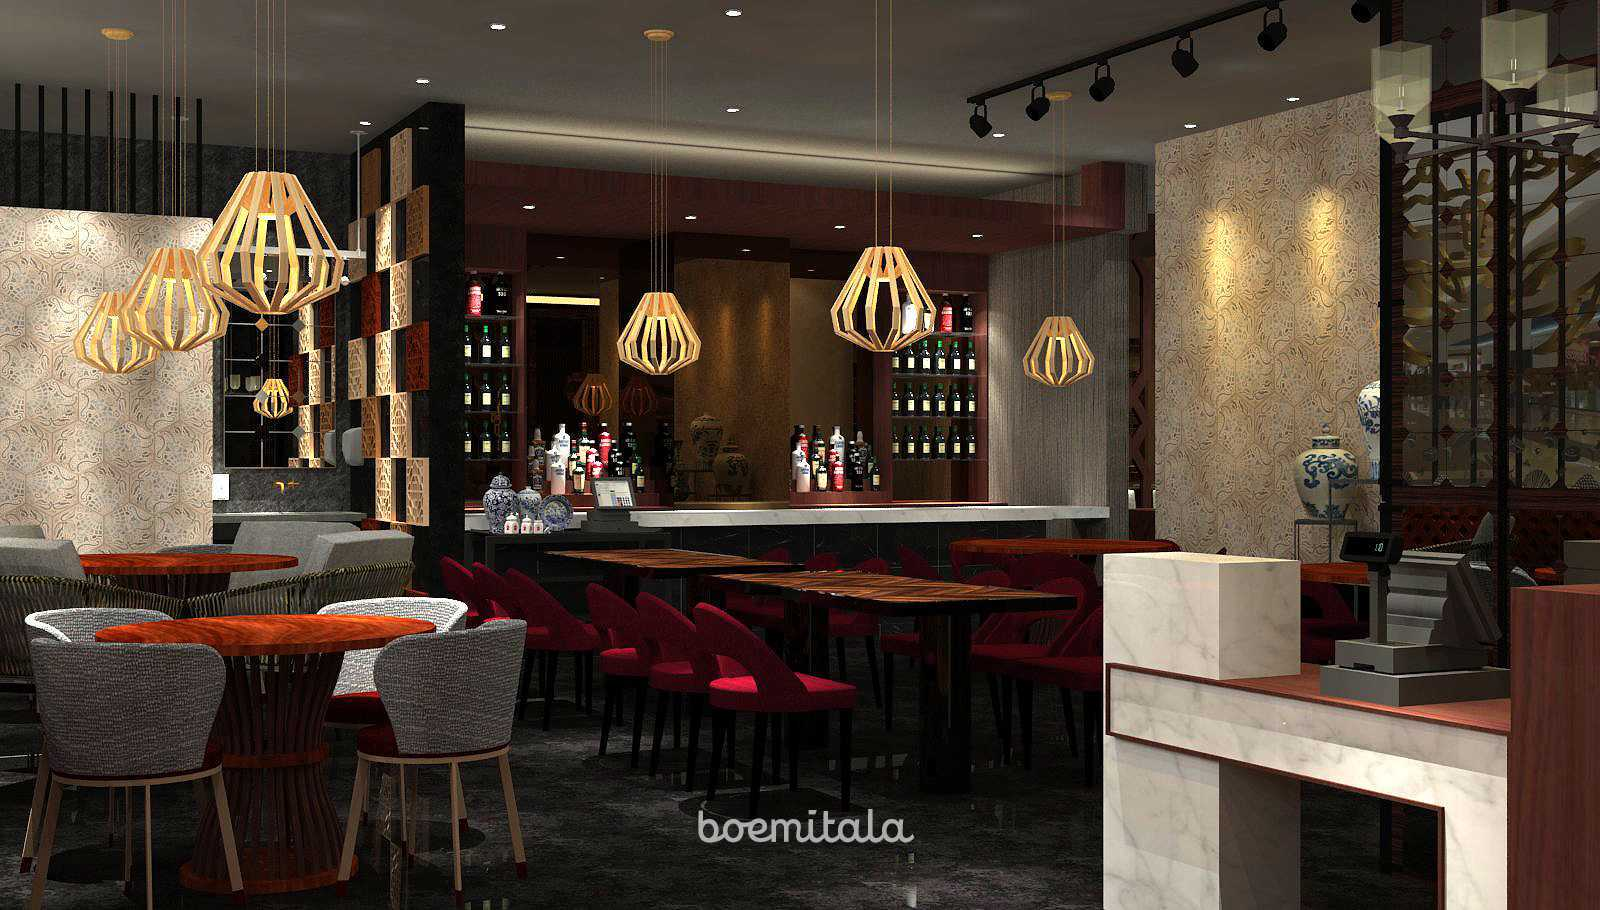 Boemitala Chinese Restaurant Jakarta, Daerah Khusus Ibukota Jakarta, Indonesia Jakarta, Daerah Khusus Ibukota Jakarta, Indonesia Boemitala-Chinese-Restaurant  63282